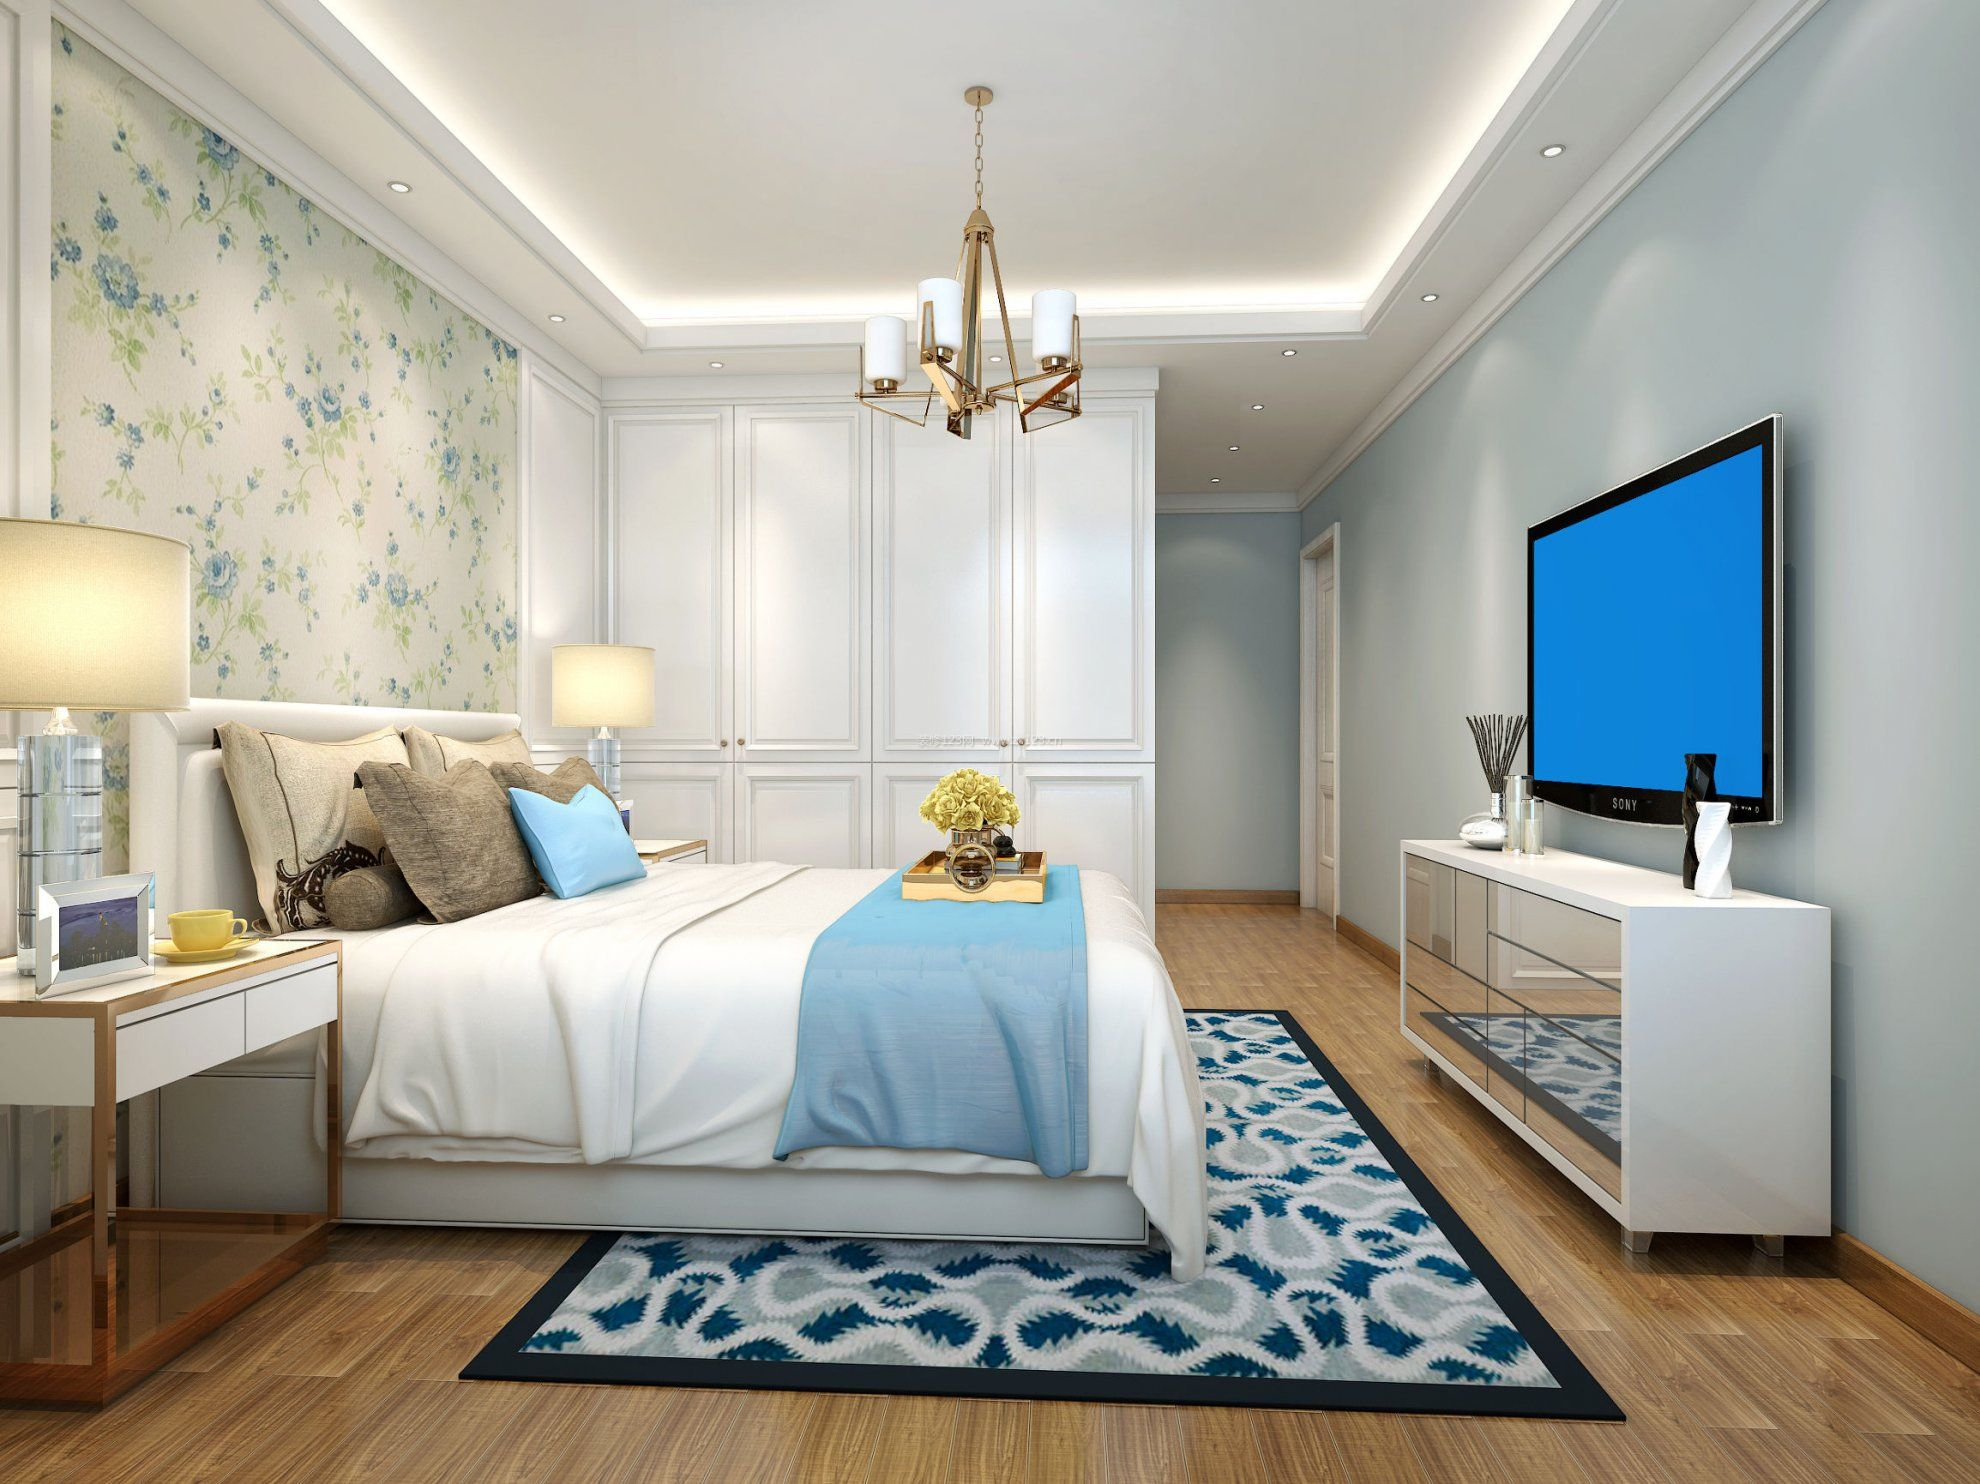 长沙装修丨家庭主卧装修设计要点有哪些?